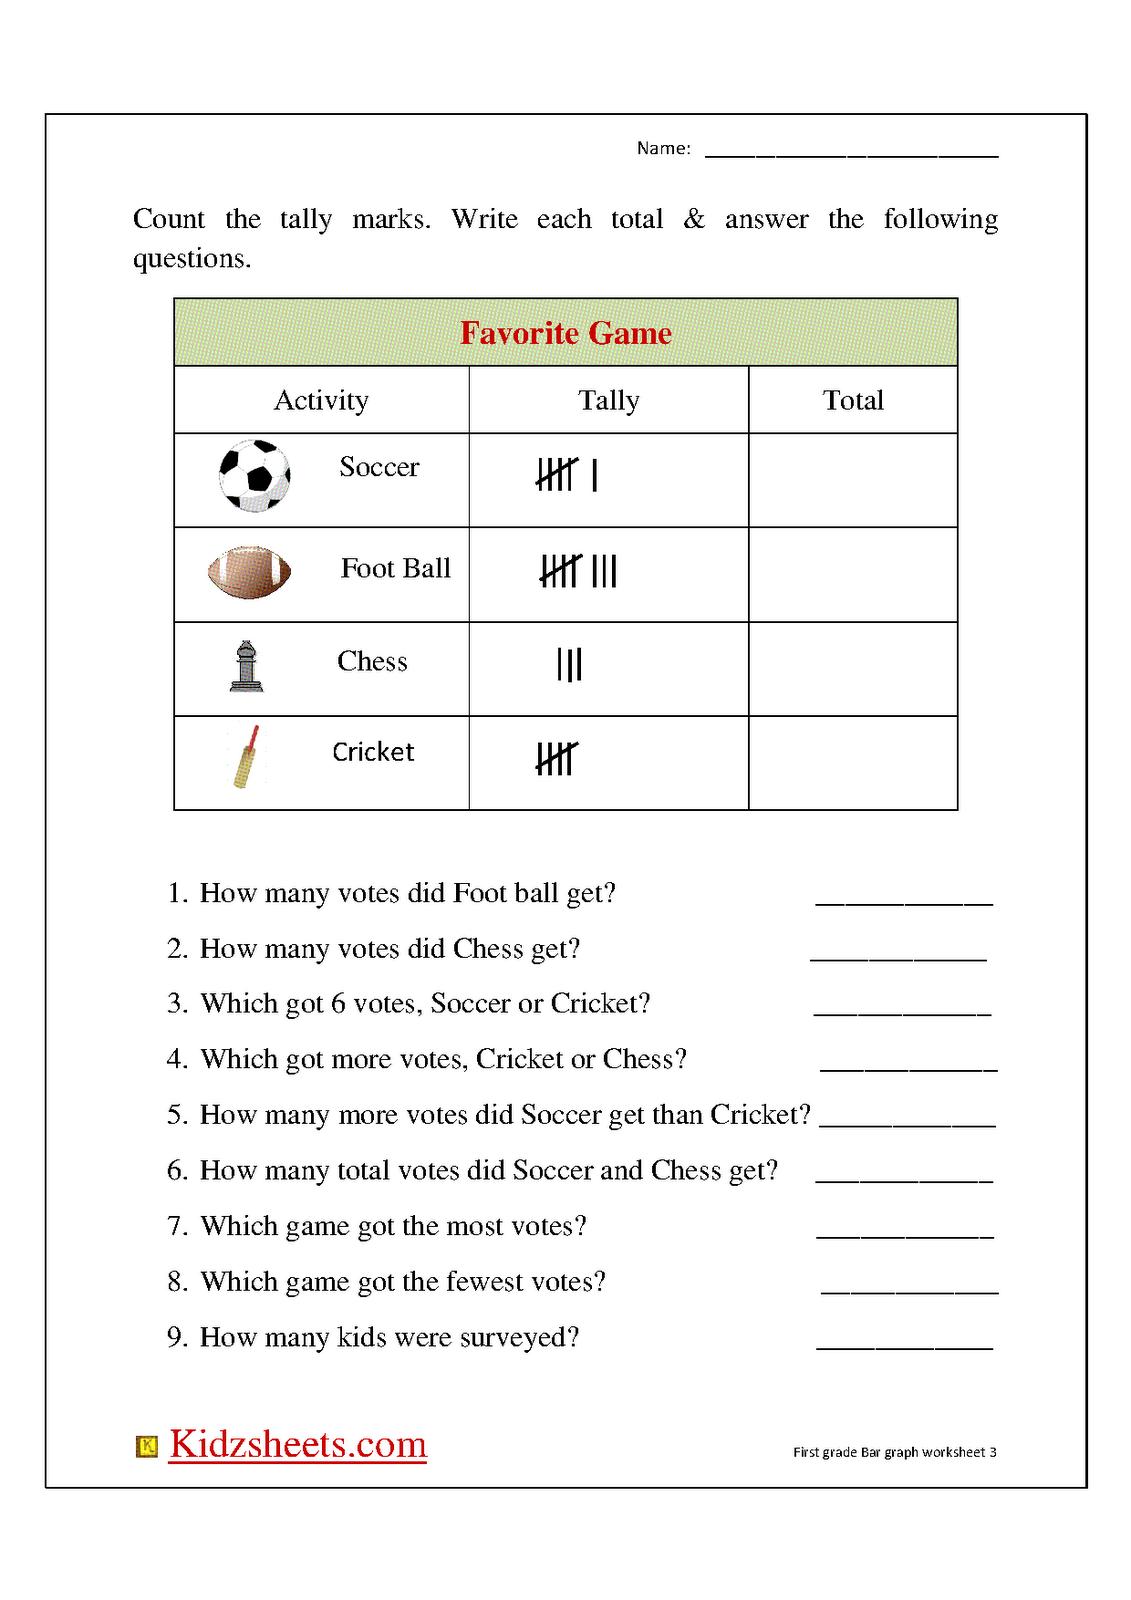 Kidz Worksheets: First Grade Bar Graph3 [ 1600 x 1131 Pixel ]